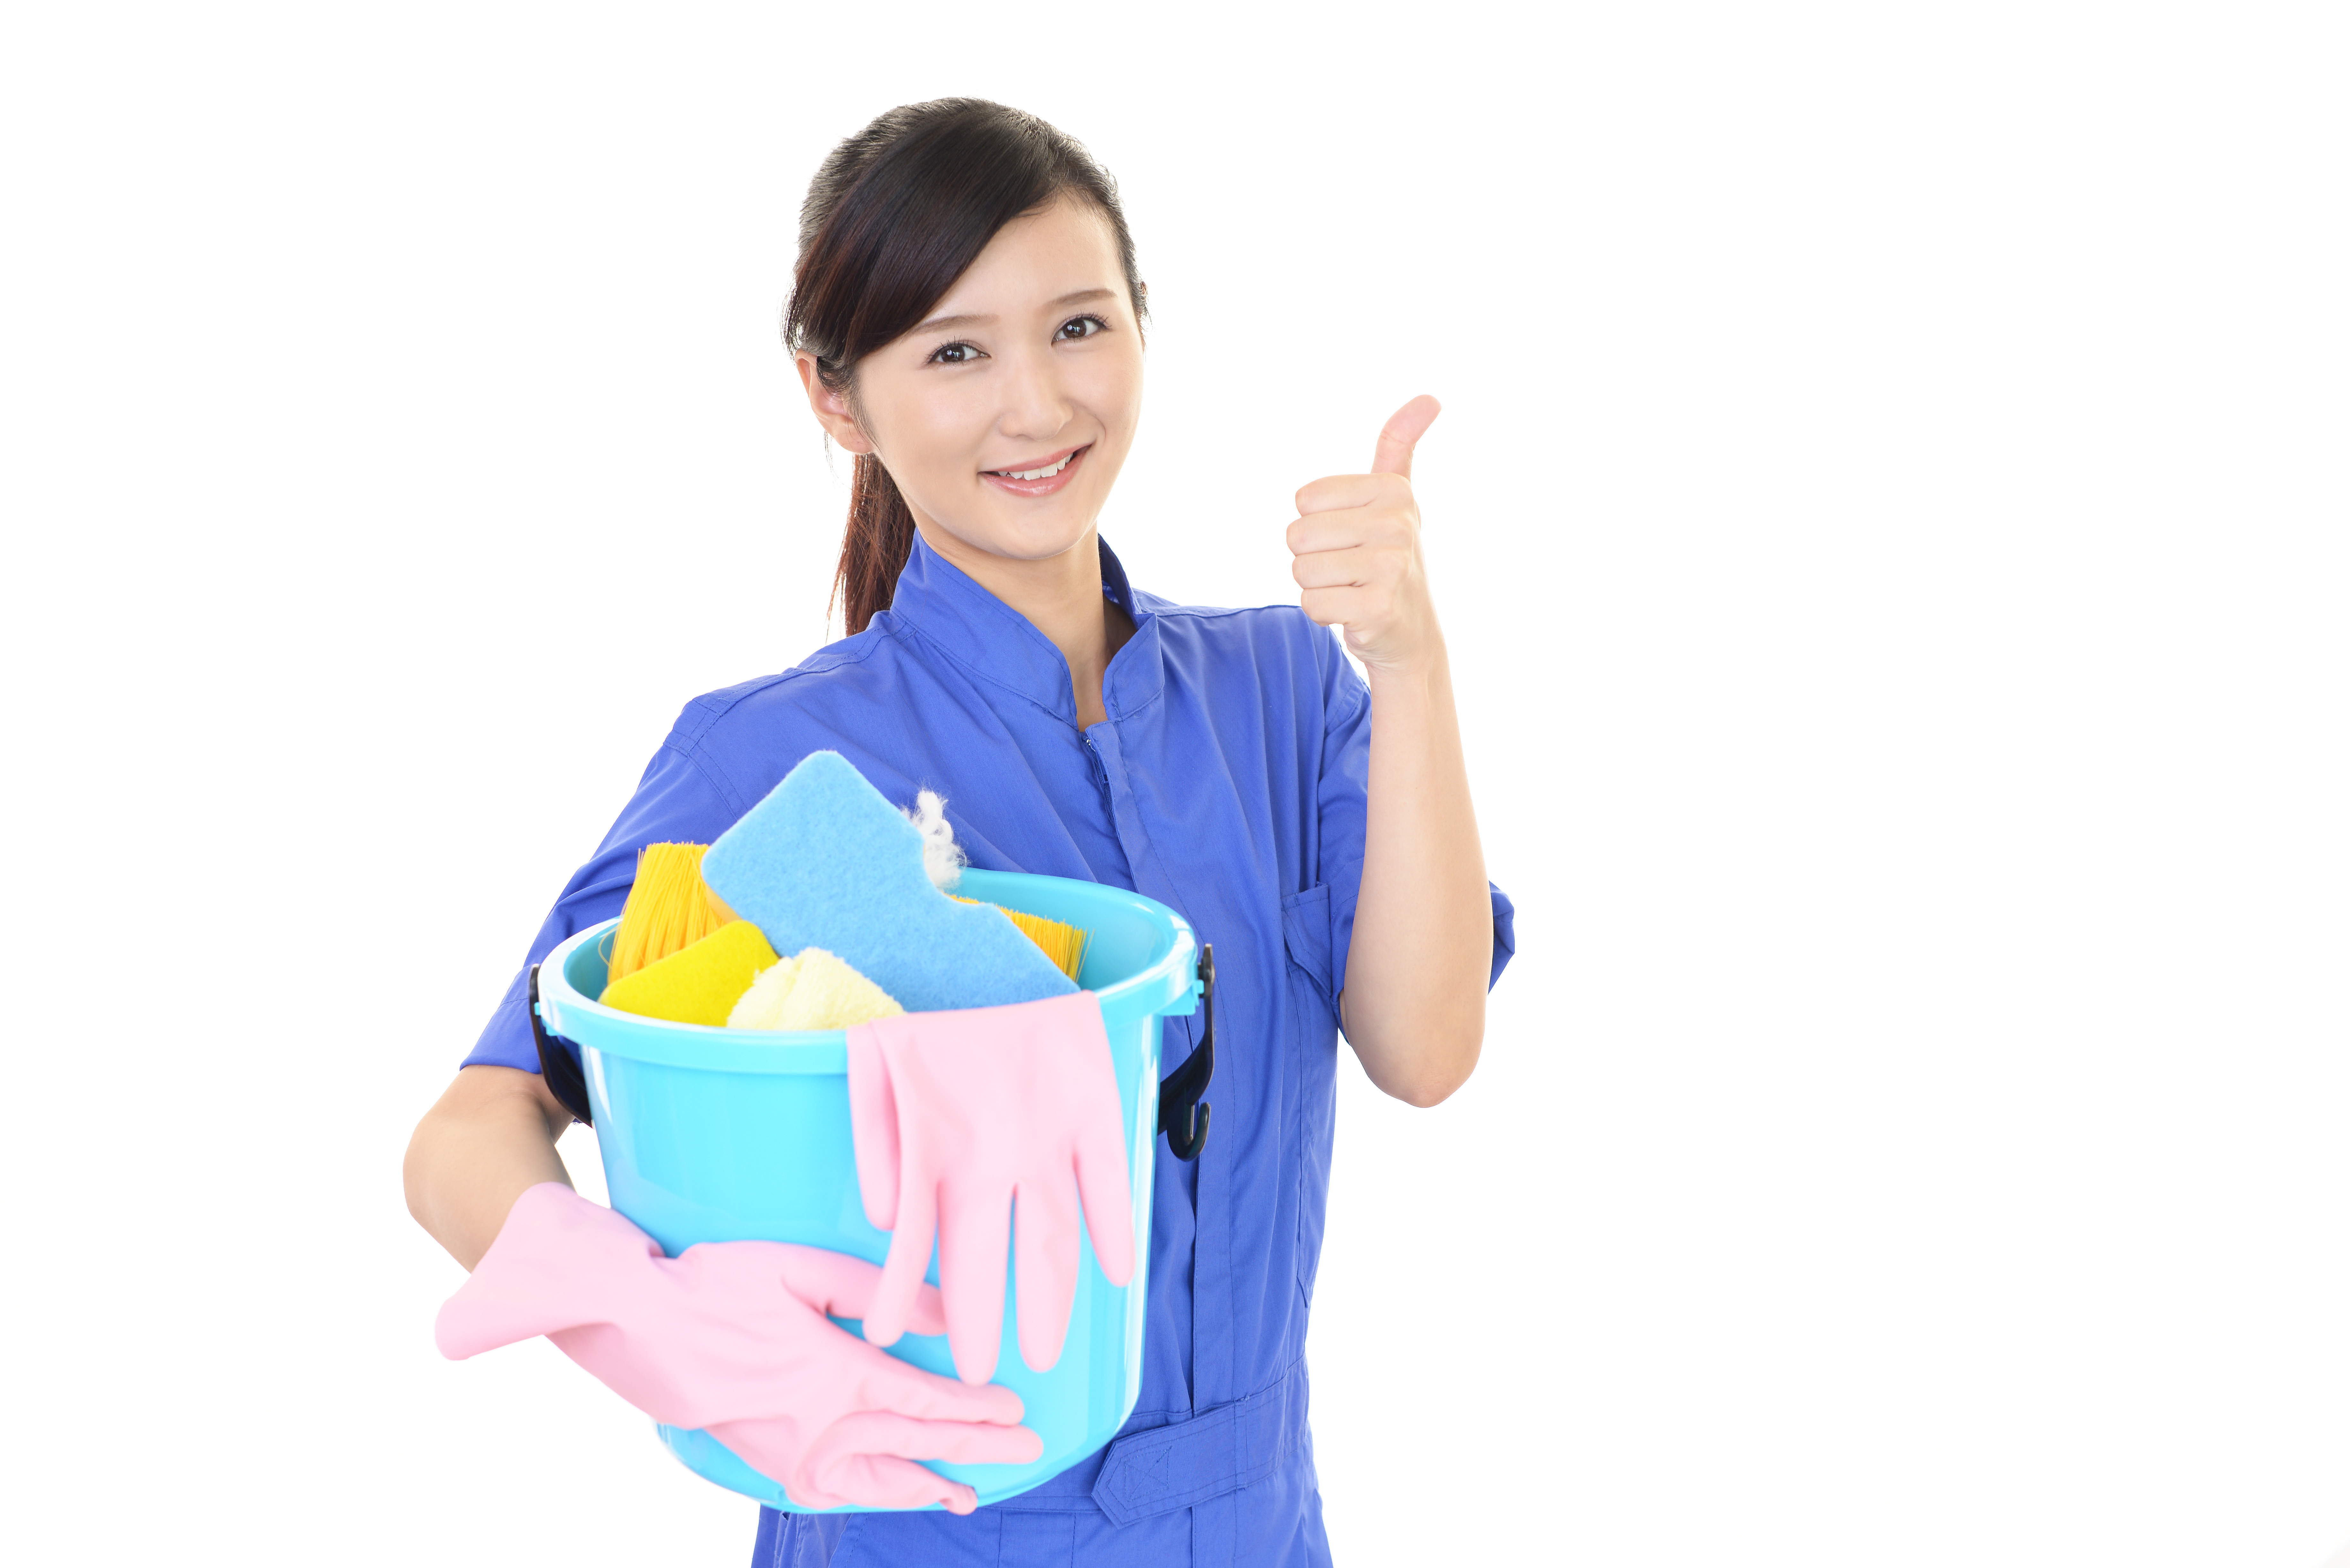 清掃スタッフ 方南町エリア 株式会社ネオマック のアルバイト情報